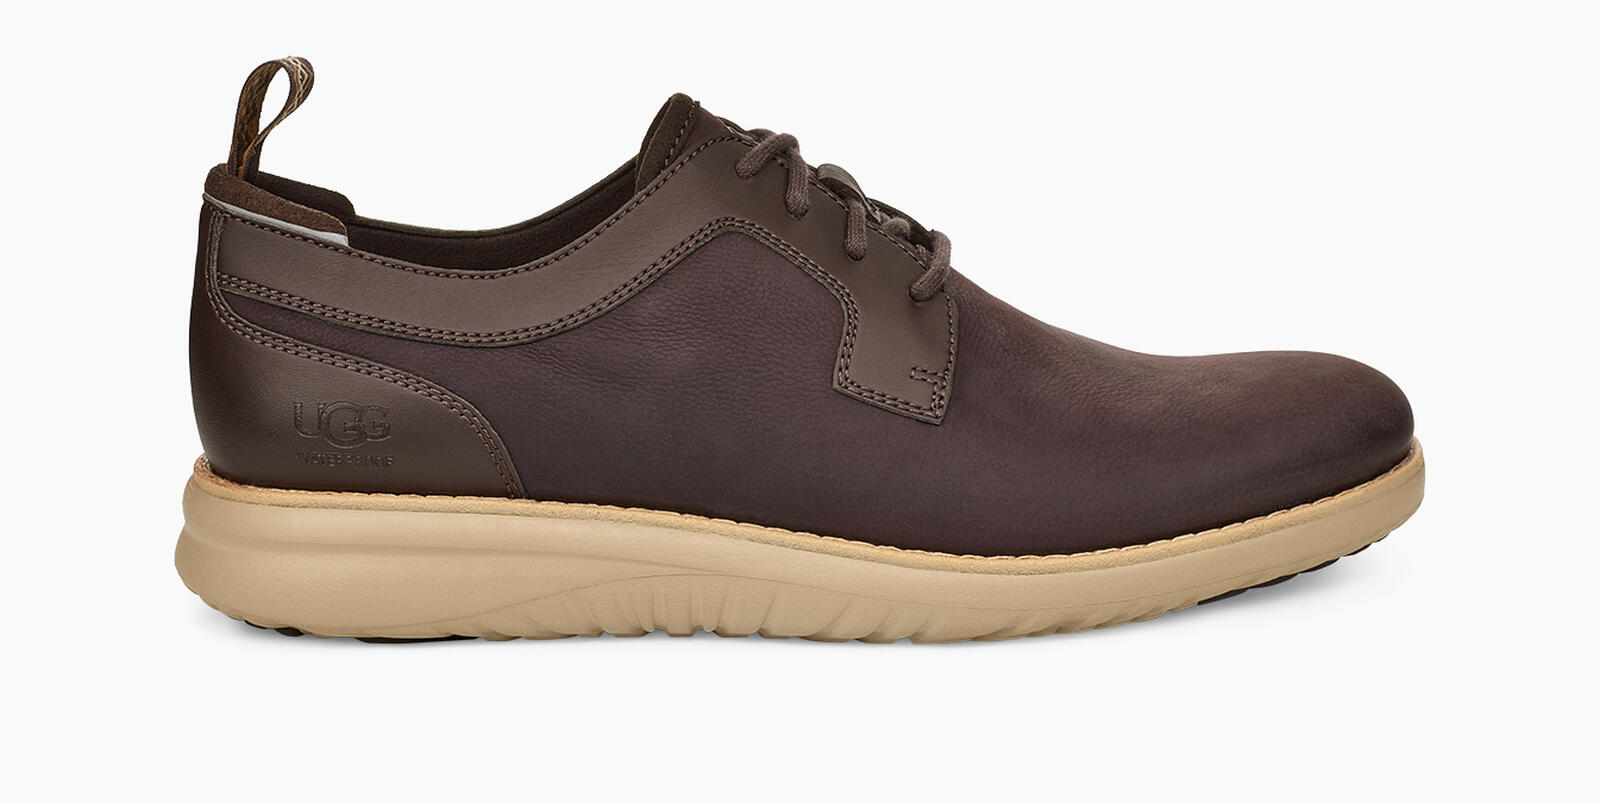 Union Derby Waterproof Shoe